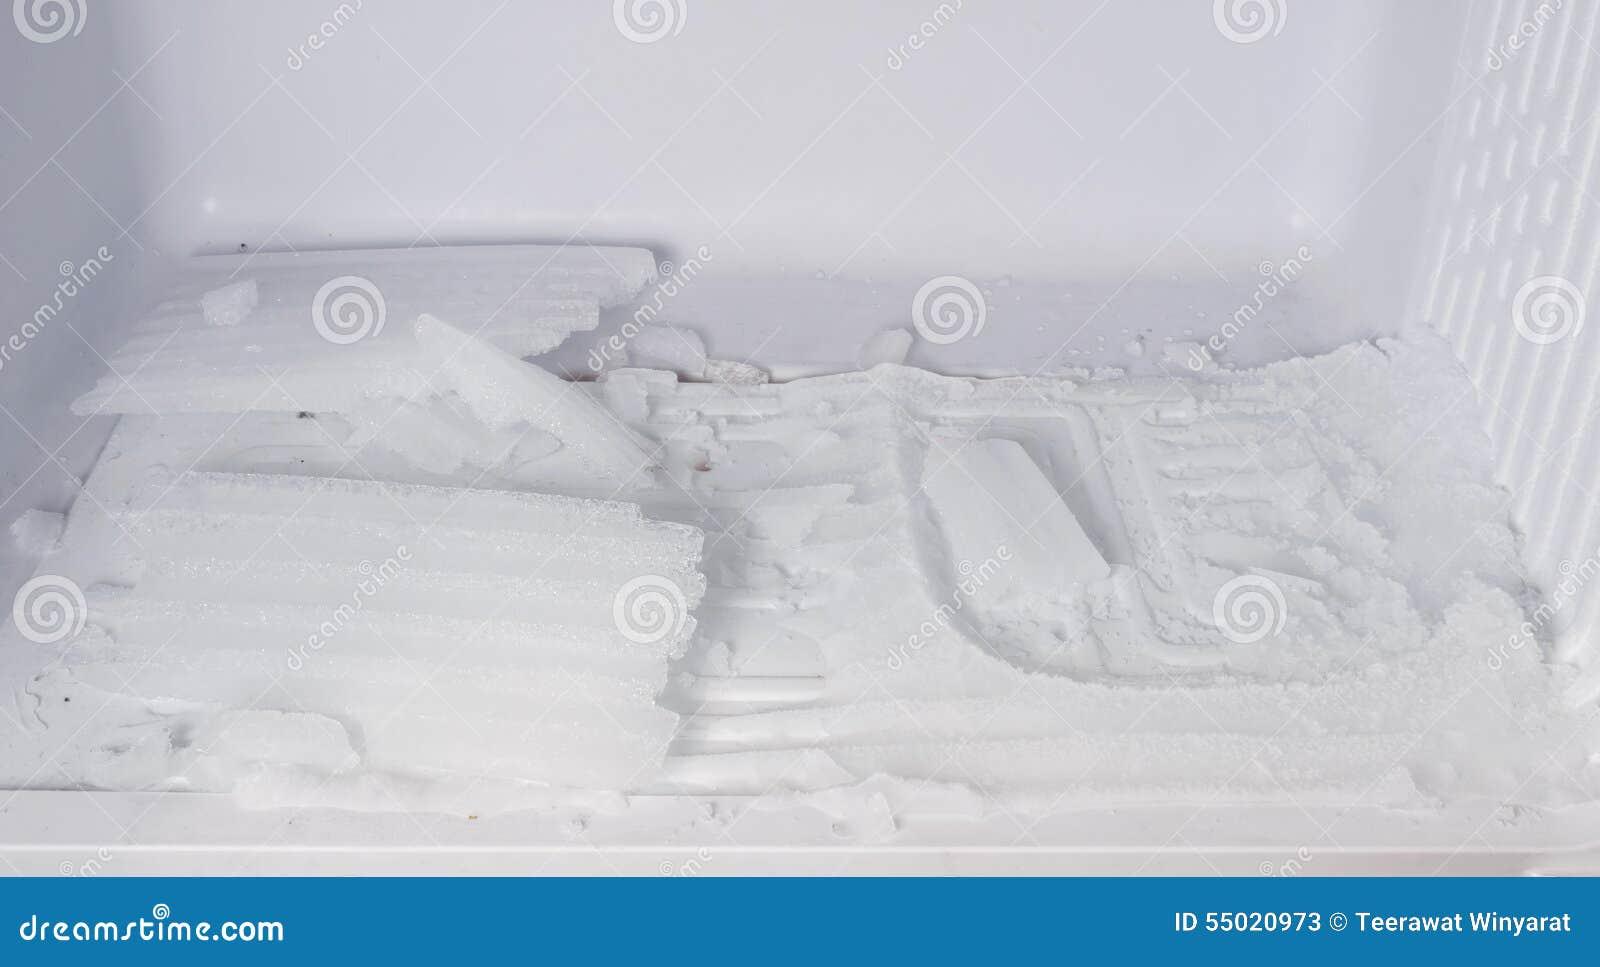 Kühlschrank Mit Dem Eis Eingefroren Im Kühlschrank Stockbild - Bild ...